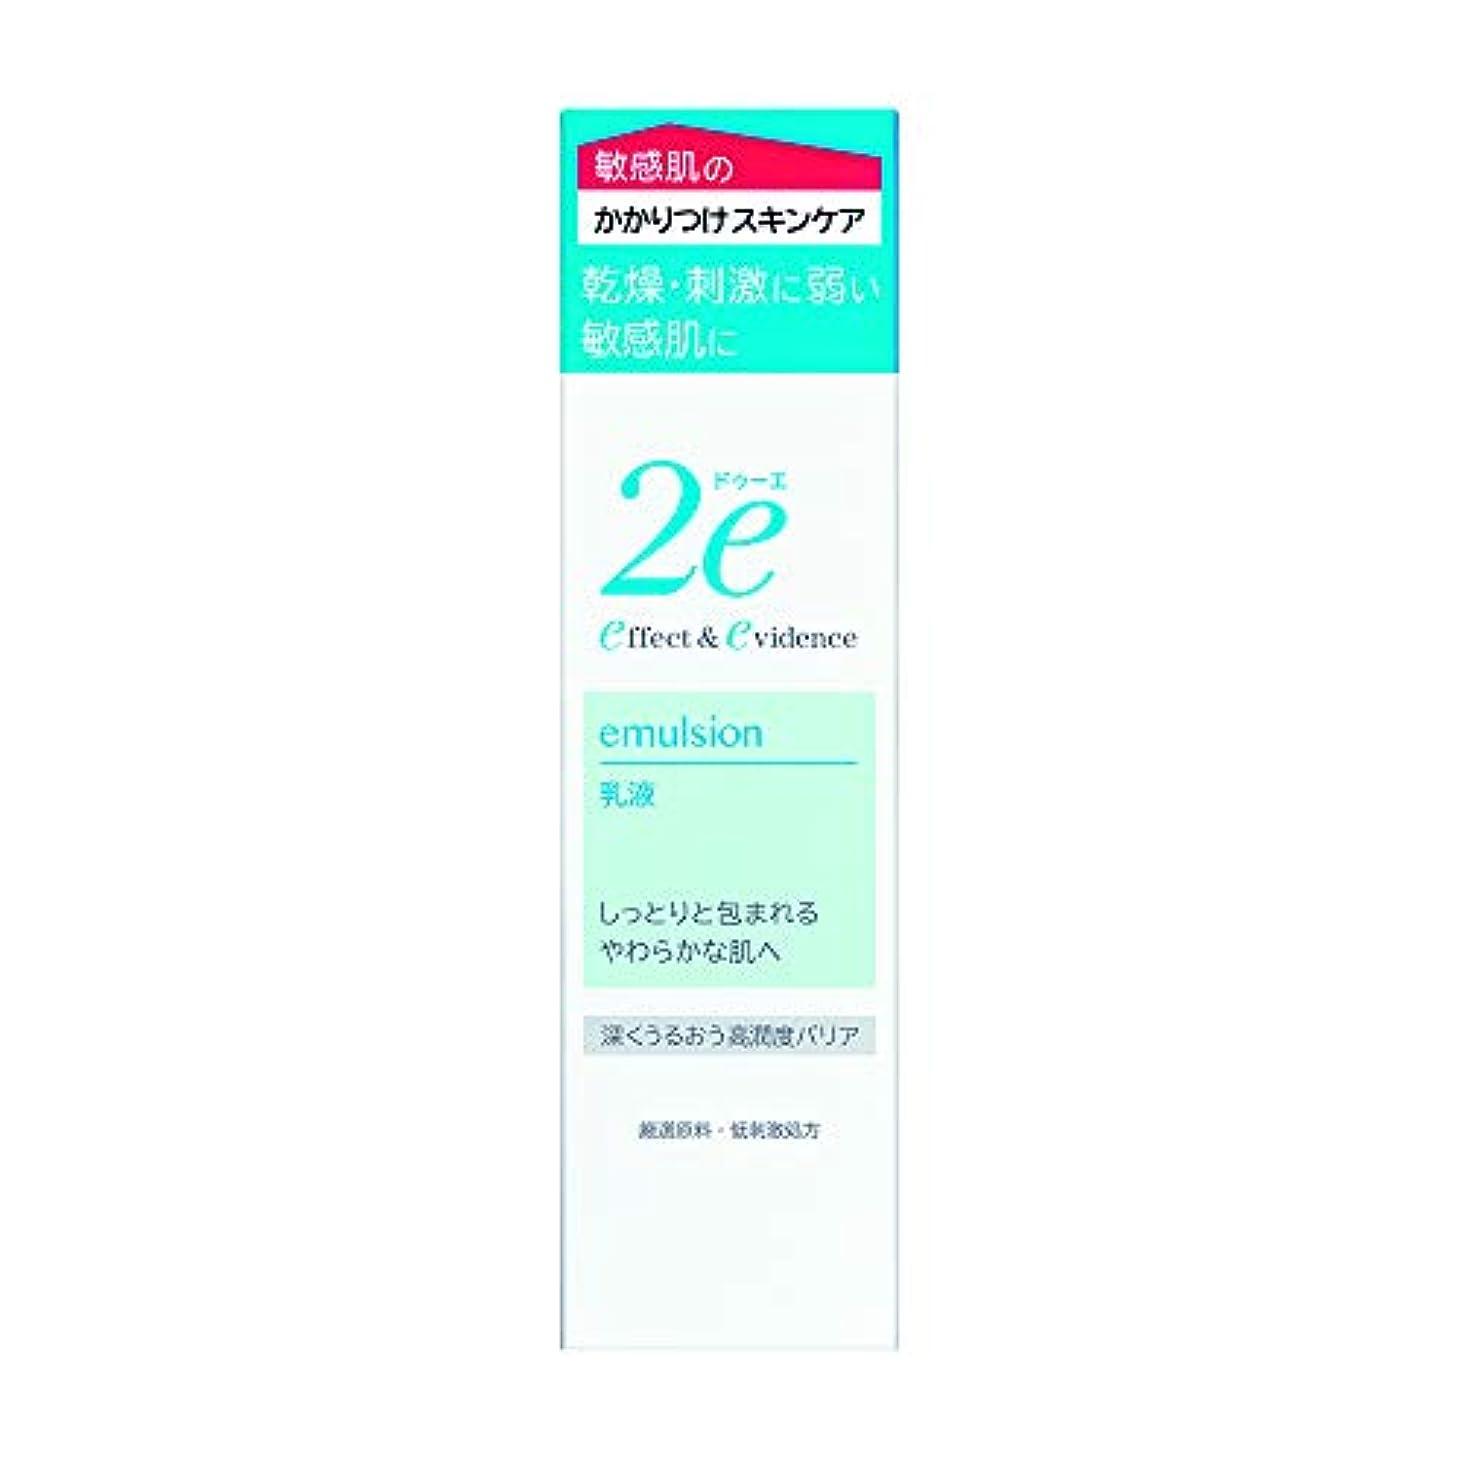 思い出定説居間2e(ドゥーエ) 乳液 敏感肌用乳液 低刺激処方 深くうるおう高潤度バリア 140ml 化粧水